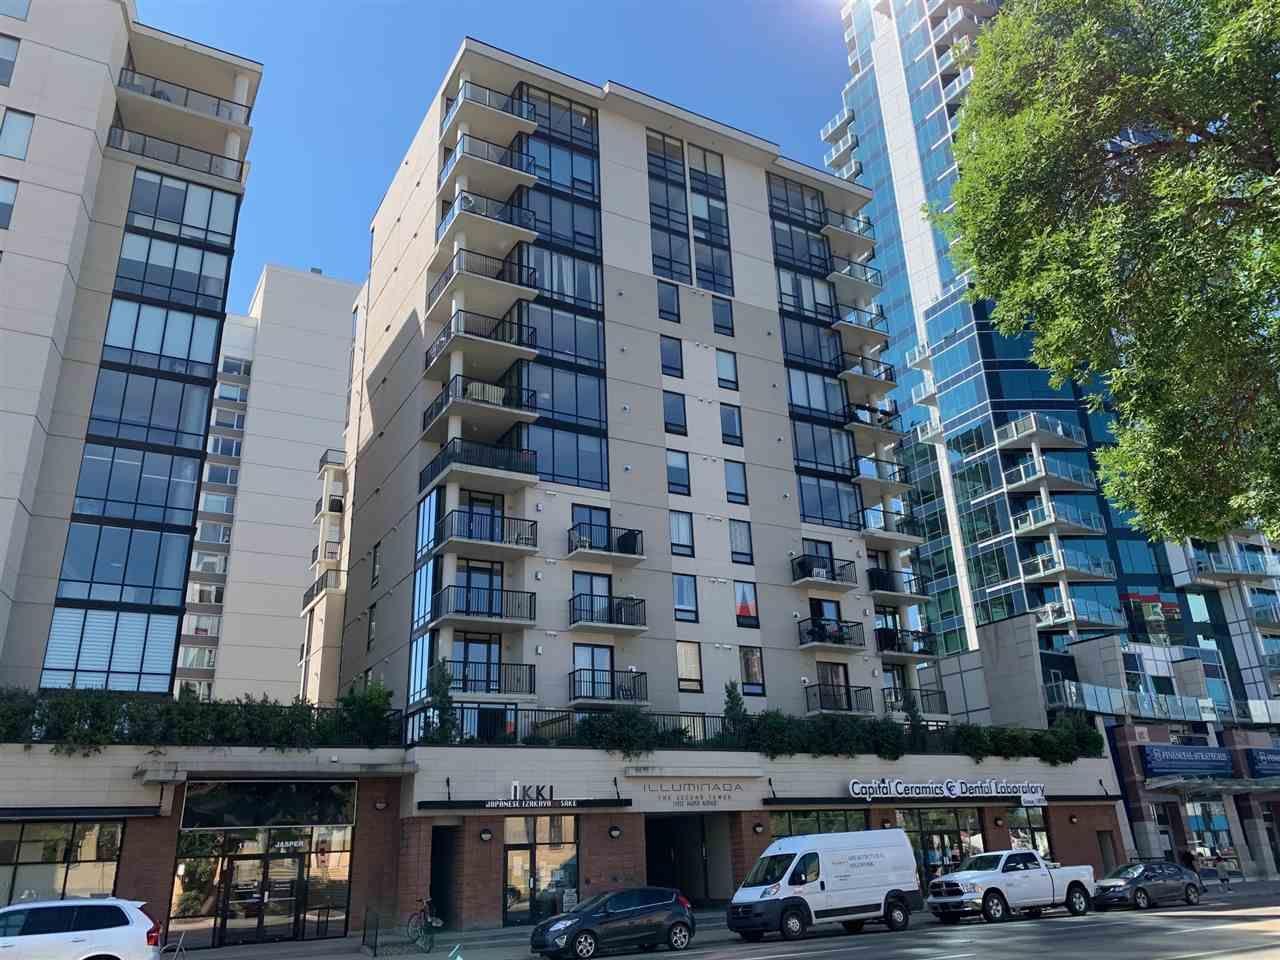 Photo 38: Photos: 1200 11933 JASPER Avenue in Edmonton: Zone 12 Condo for sale : MLS®# E4208205